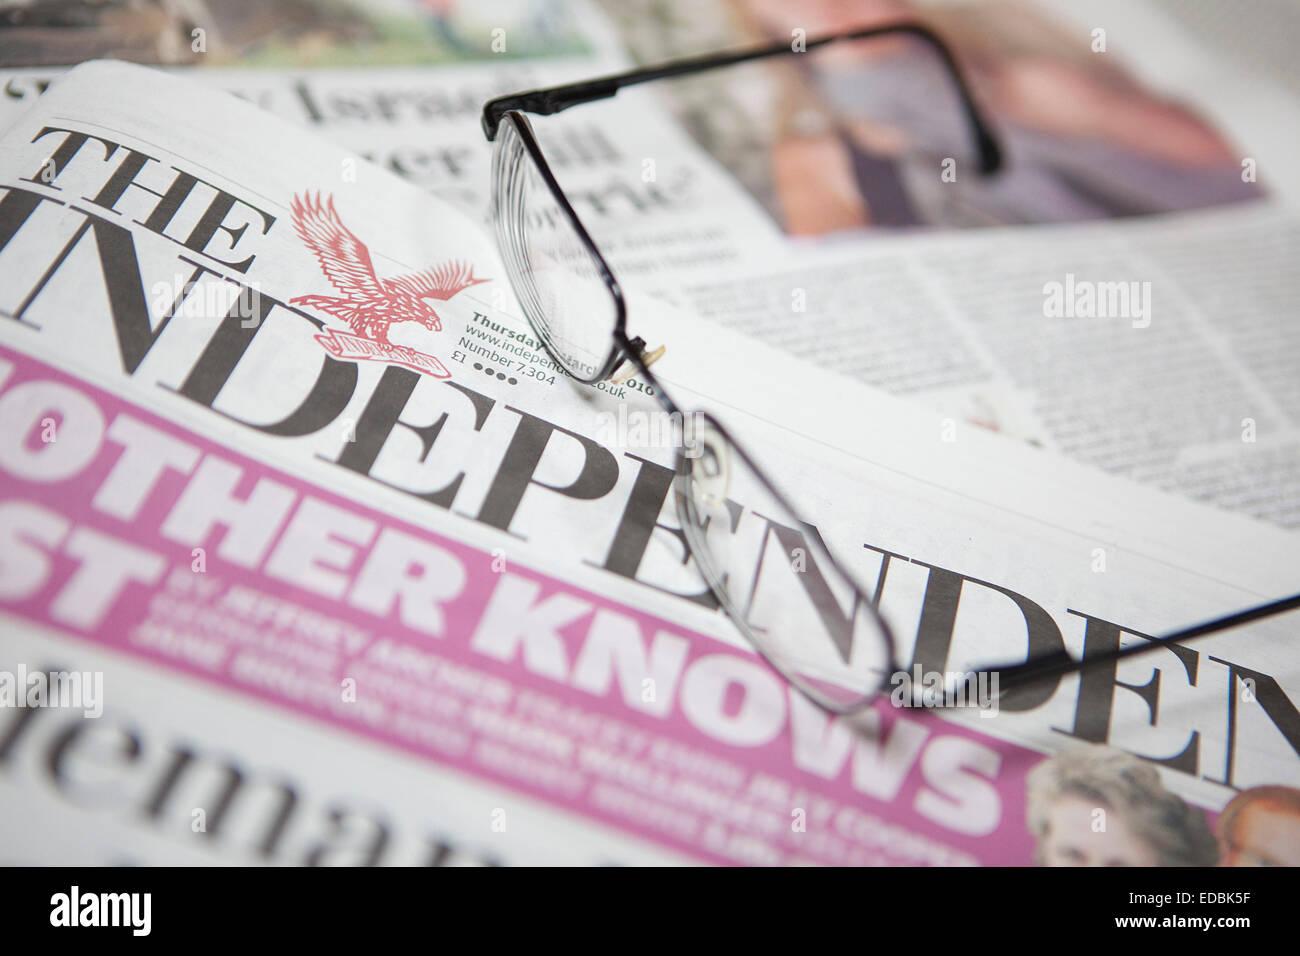 Anschauliches Bild der Zeitung The Independent Stockbild